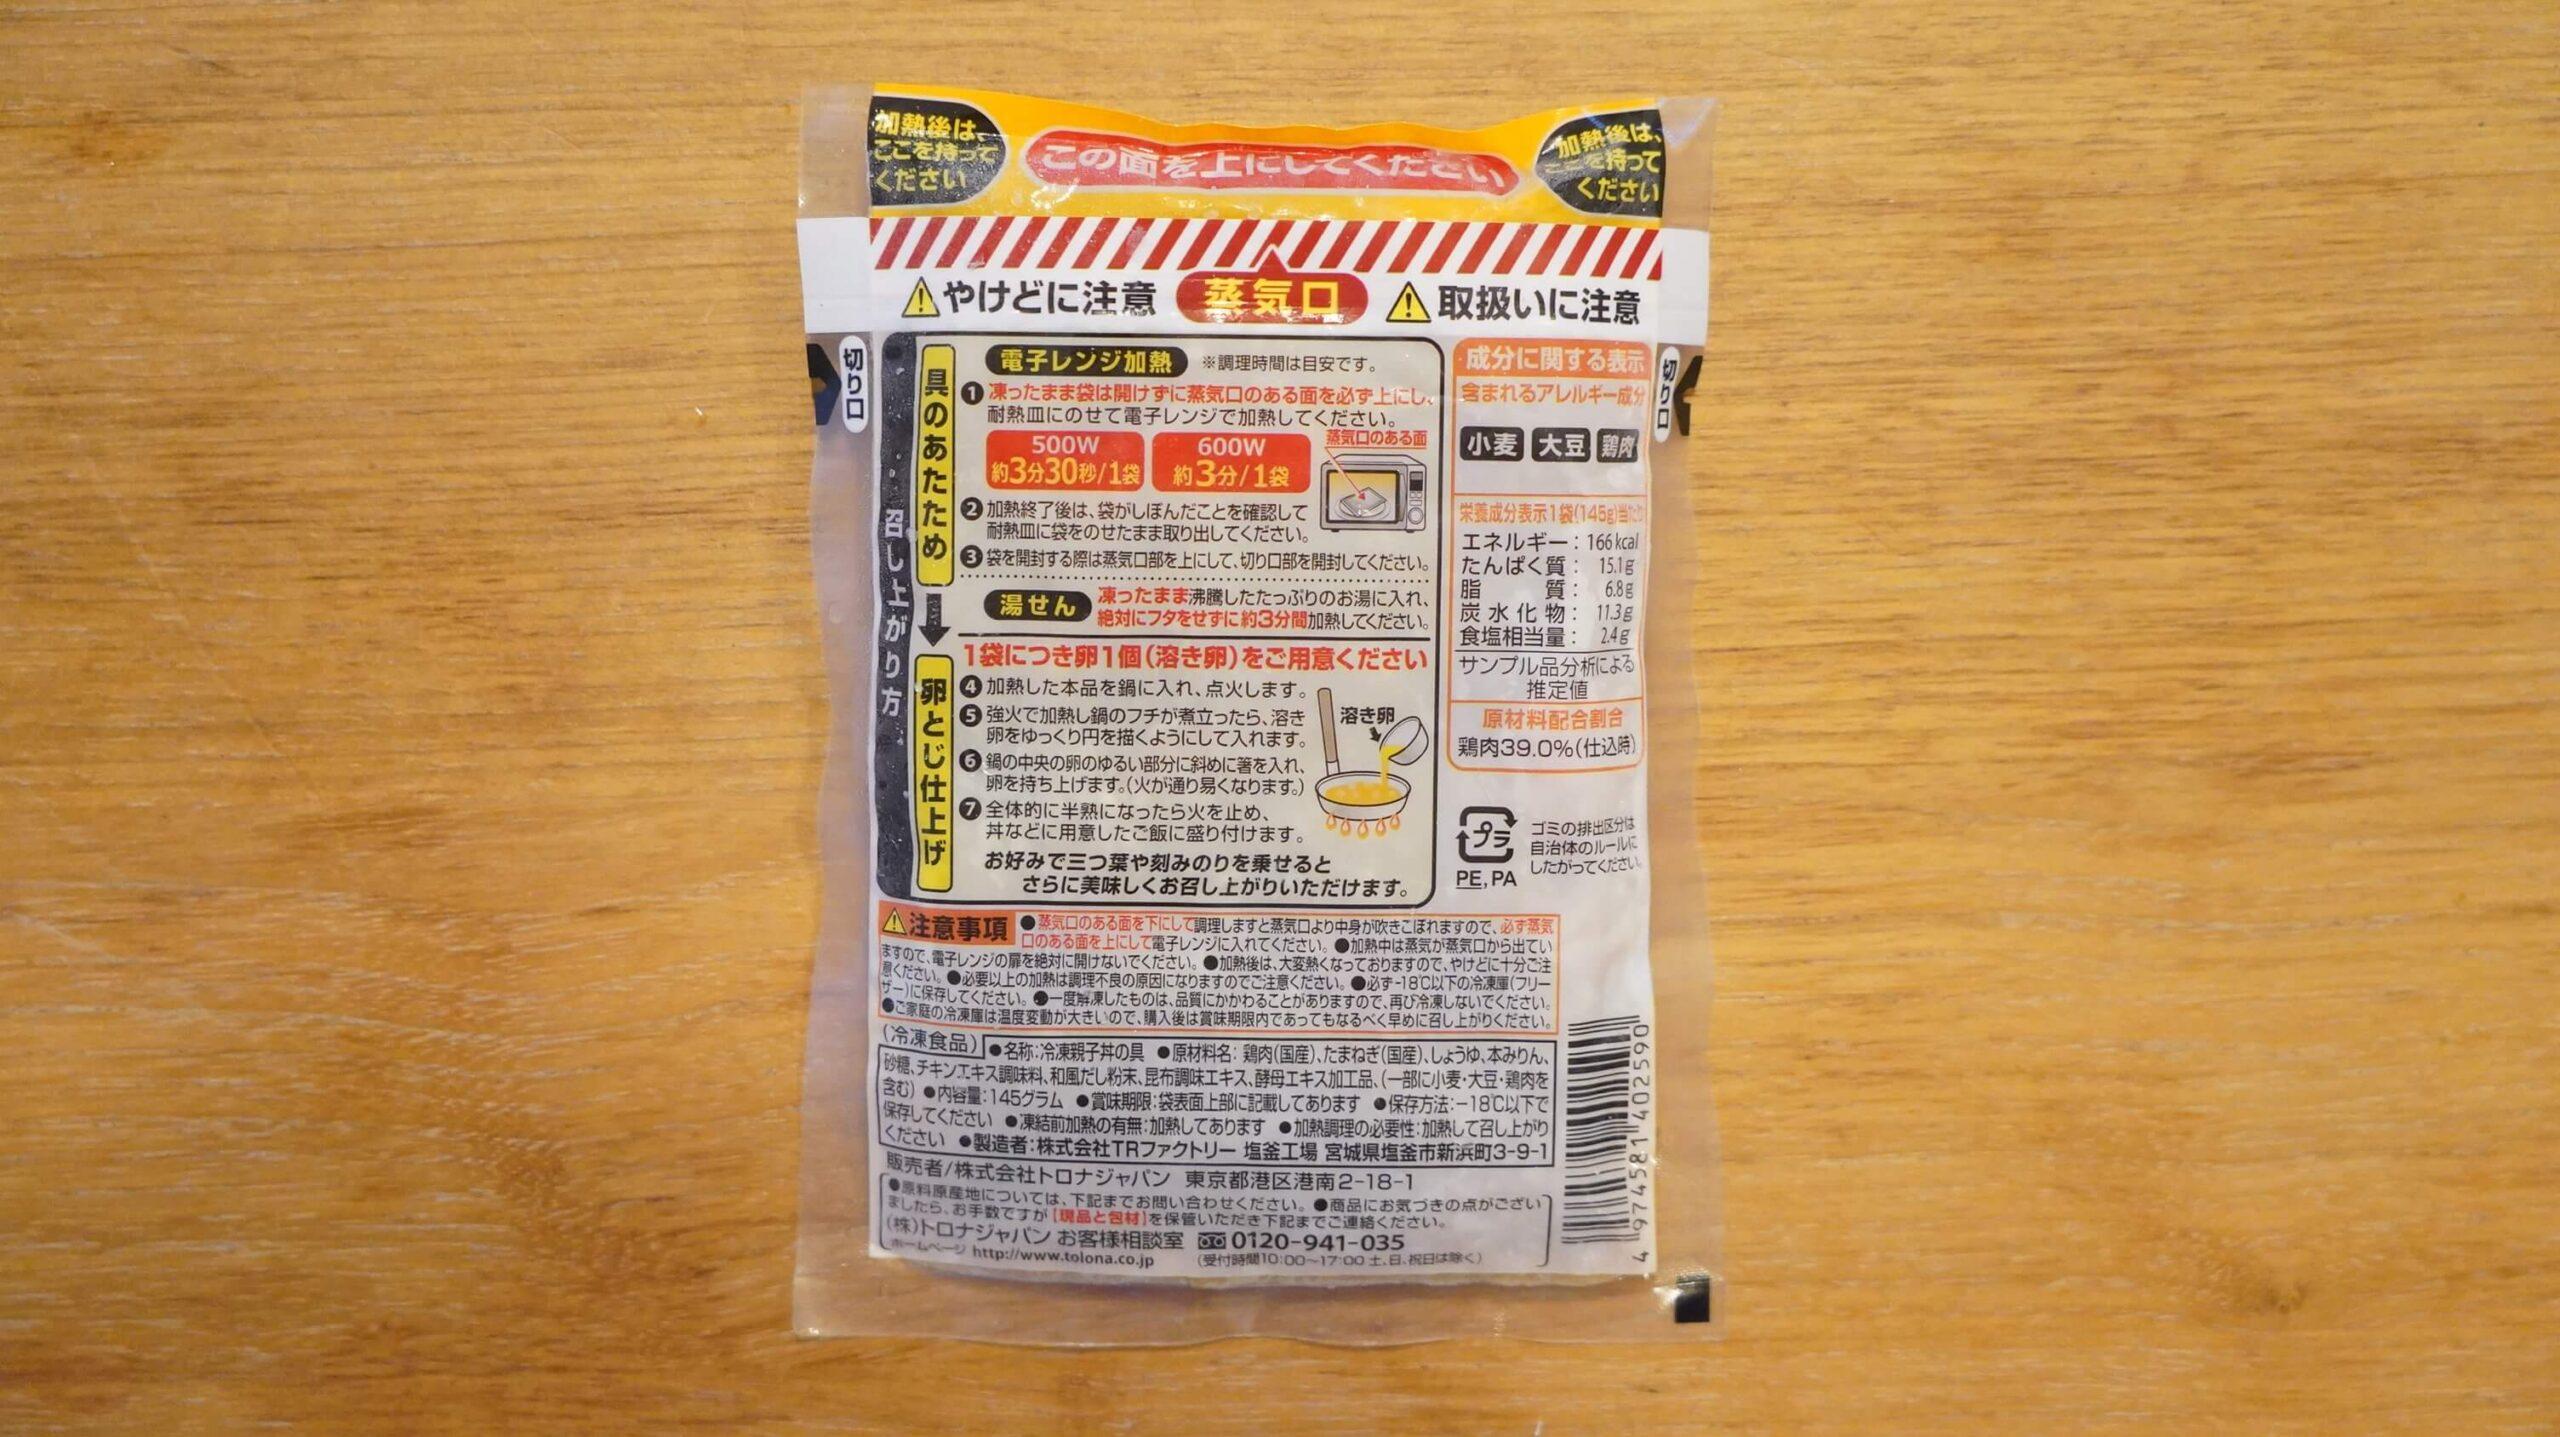 通販でネット注文した「なか卯」の冷凍食品「親子丼の具」のパッケージ裏面の写真